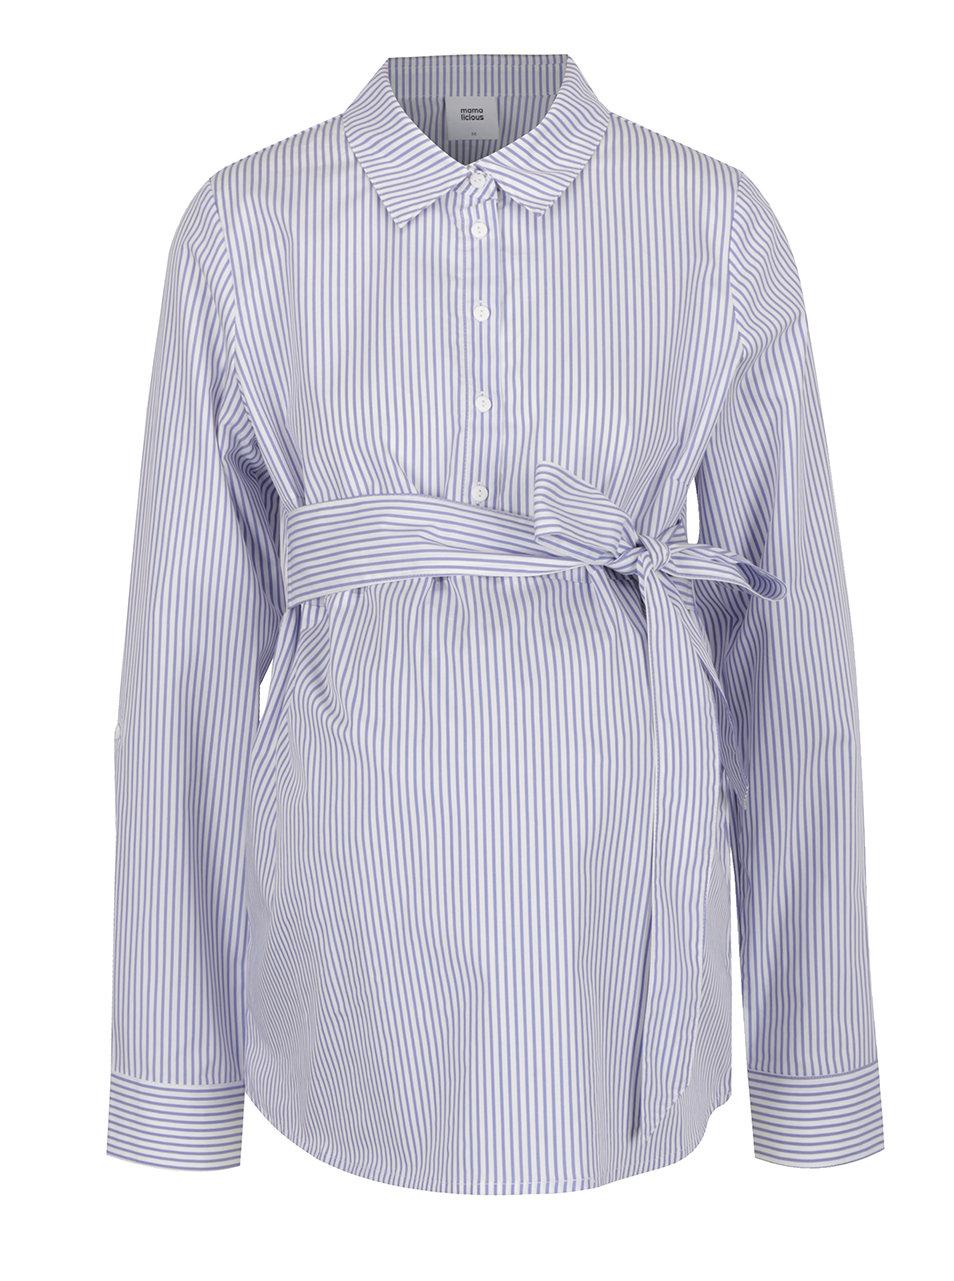 edb8ad8ccf5 Modro-krémová pruhovaná těhotenská košile s mašlí Mama.licious Lenna ...